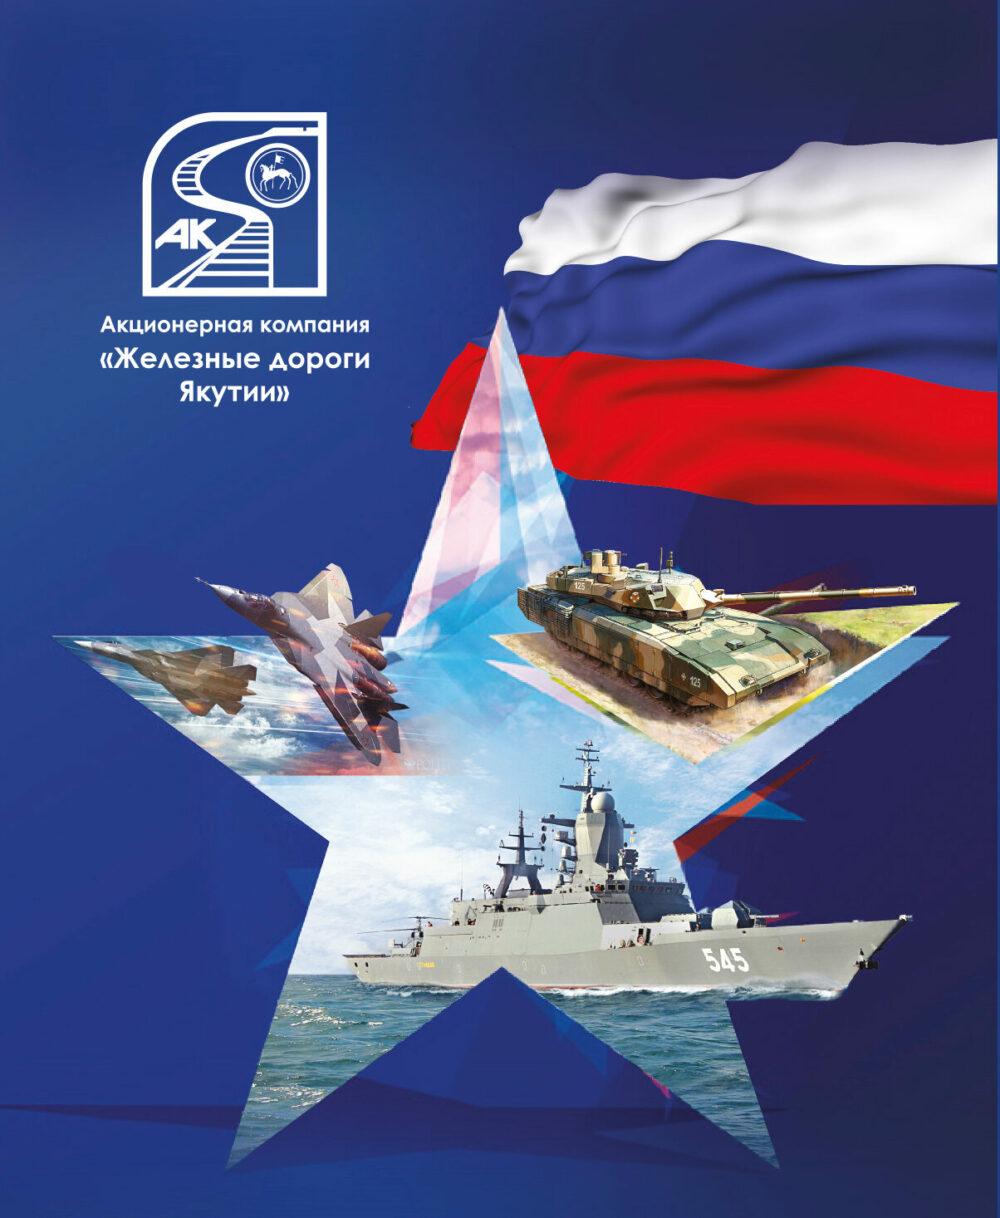 Василий Шимохин: Железнодорожники были и остаются надежным гарантом обороноспособности страны